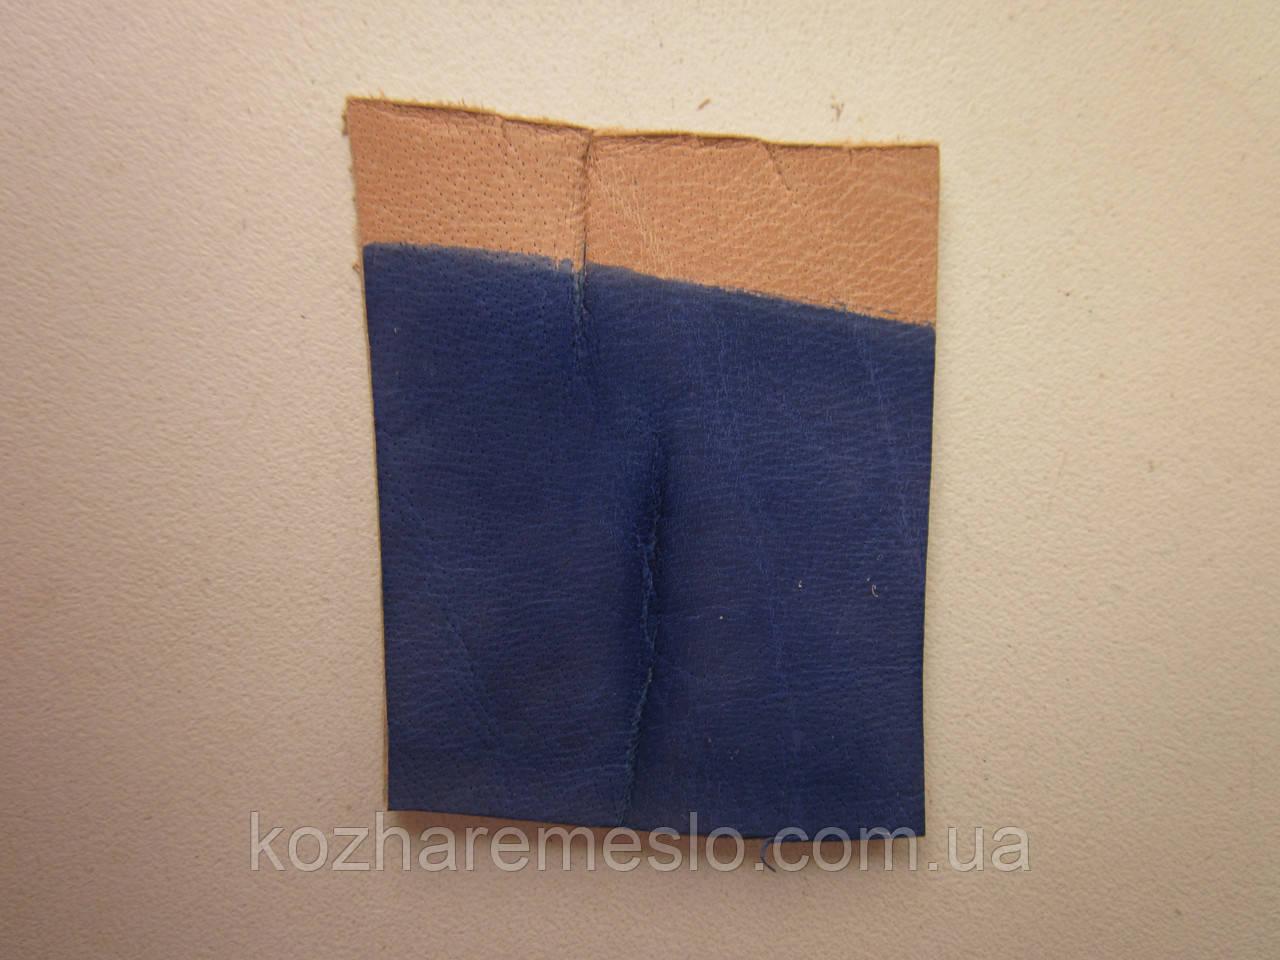 Краска для кожи спиртовая TOLEDO SUPER 50мл синяя (кобальт)